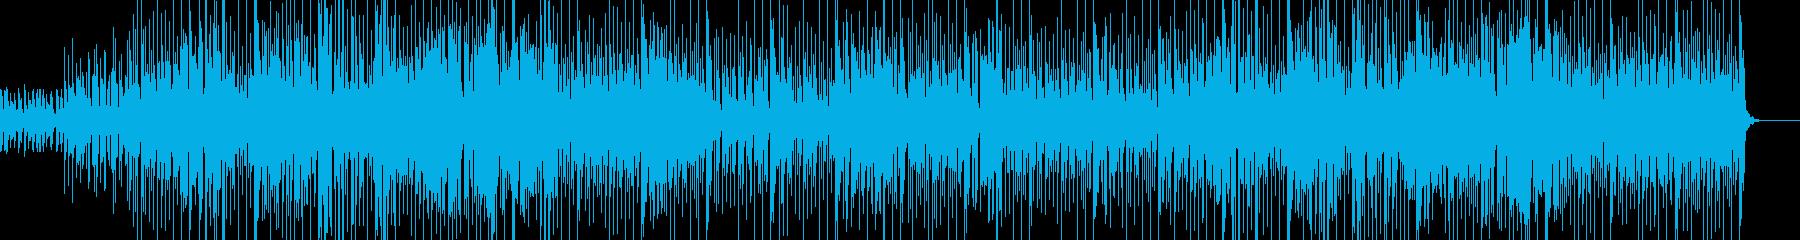 サンゴ礁に群れる熱帯魚たちを表現した曲の再生済みの波形